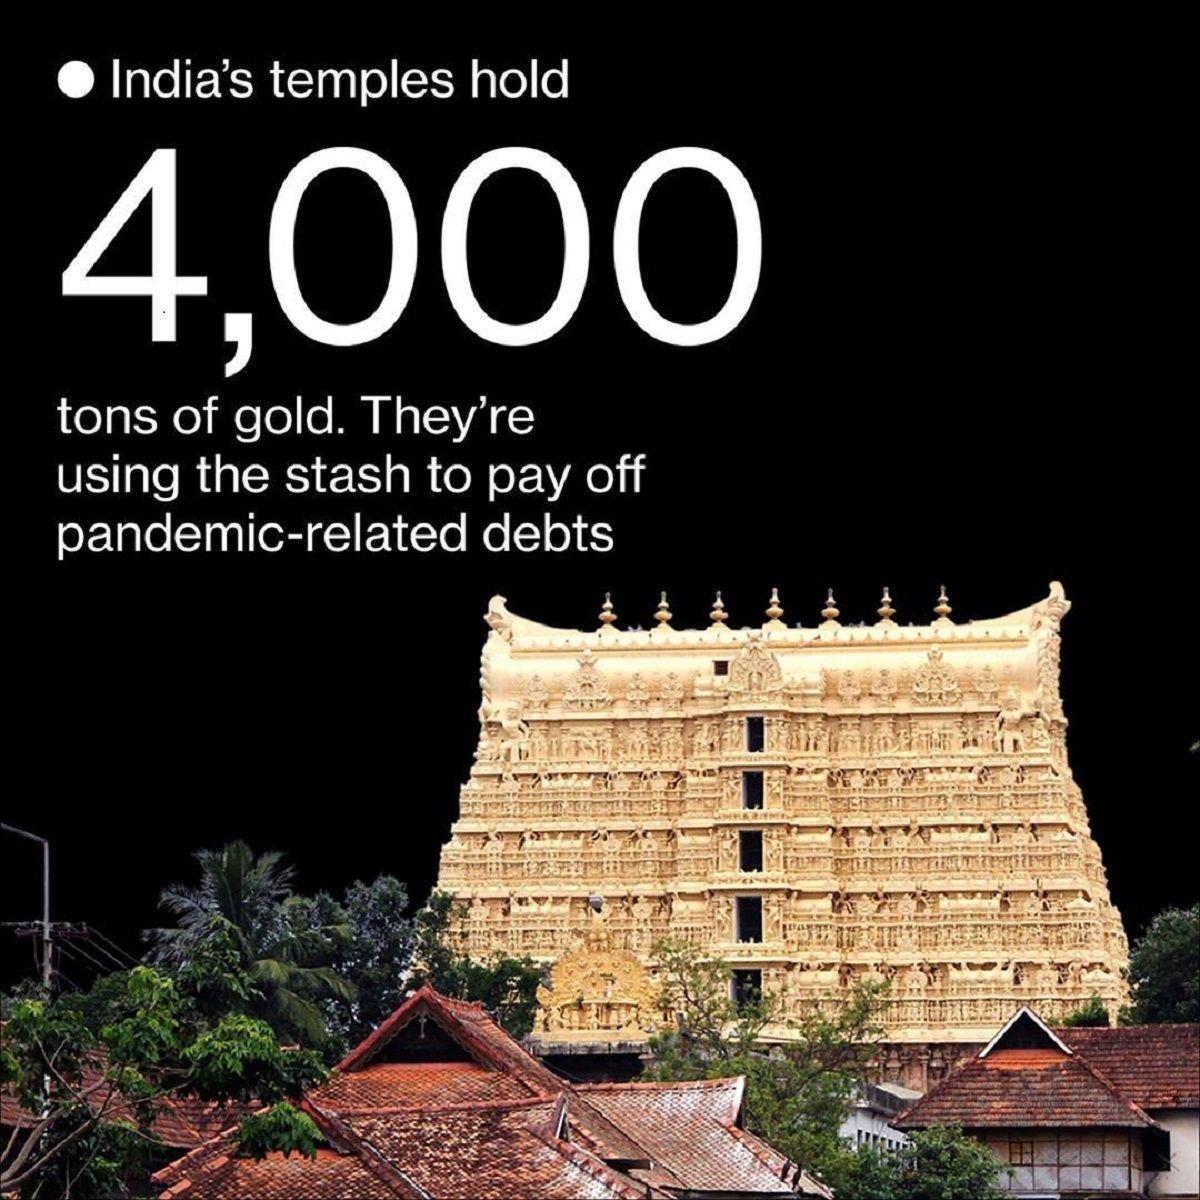 چهار هزار تن طلا در اختیار معابد هند!